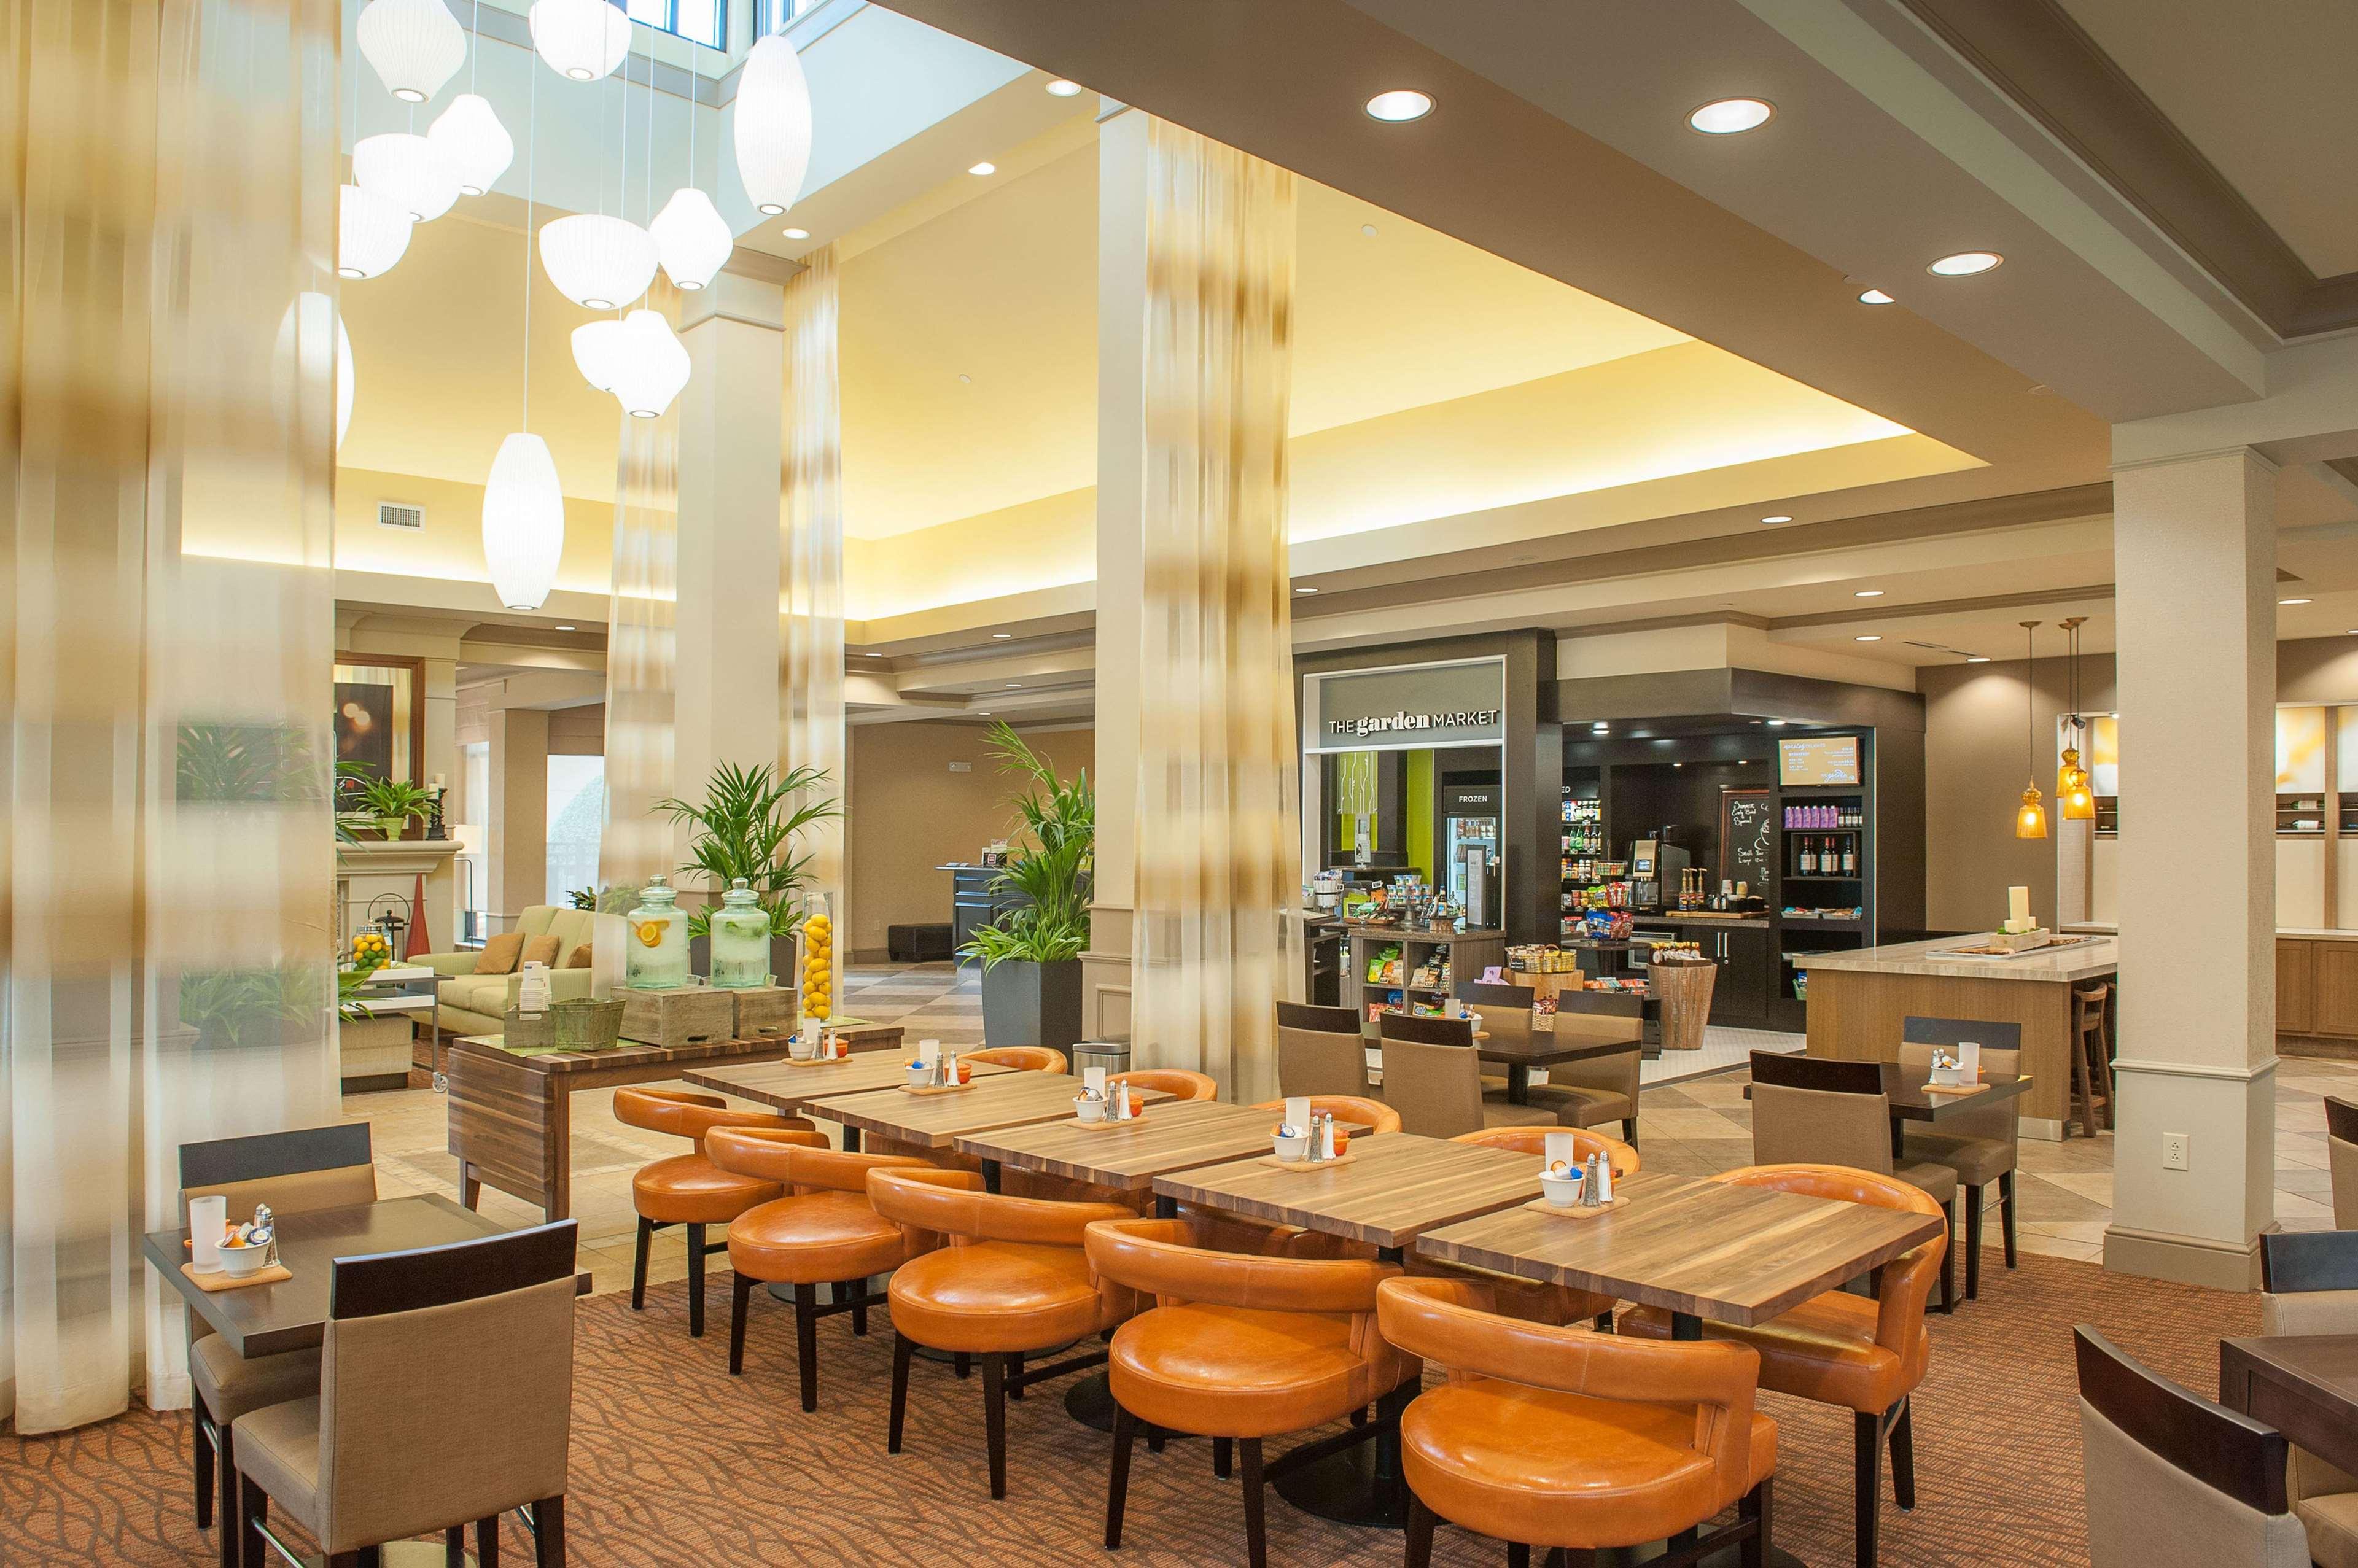 Hilton Garden Inn Pensacola Airport - Medical Center image 8